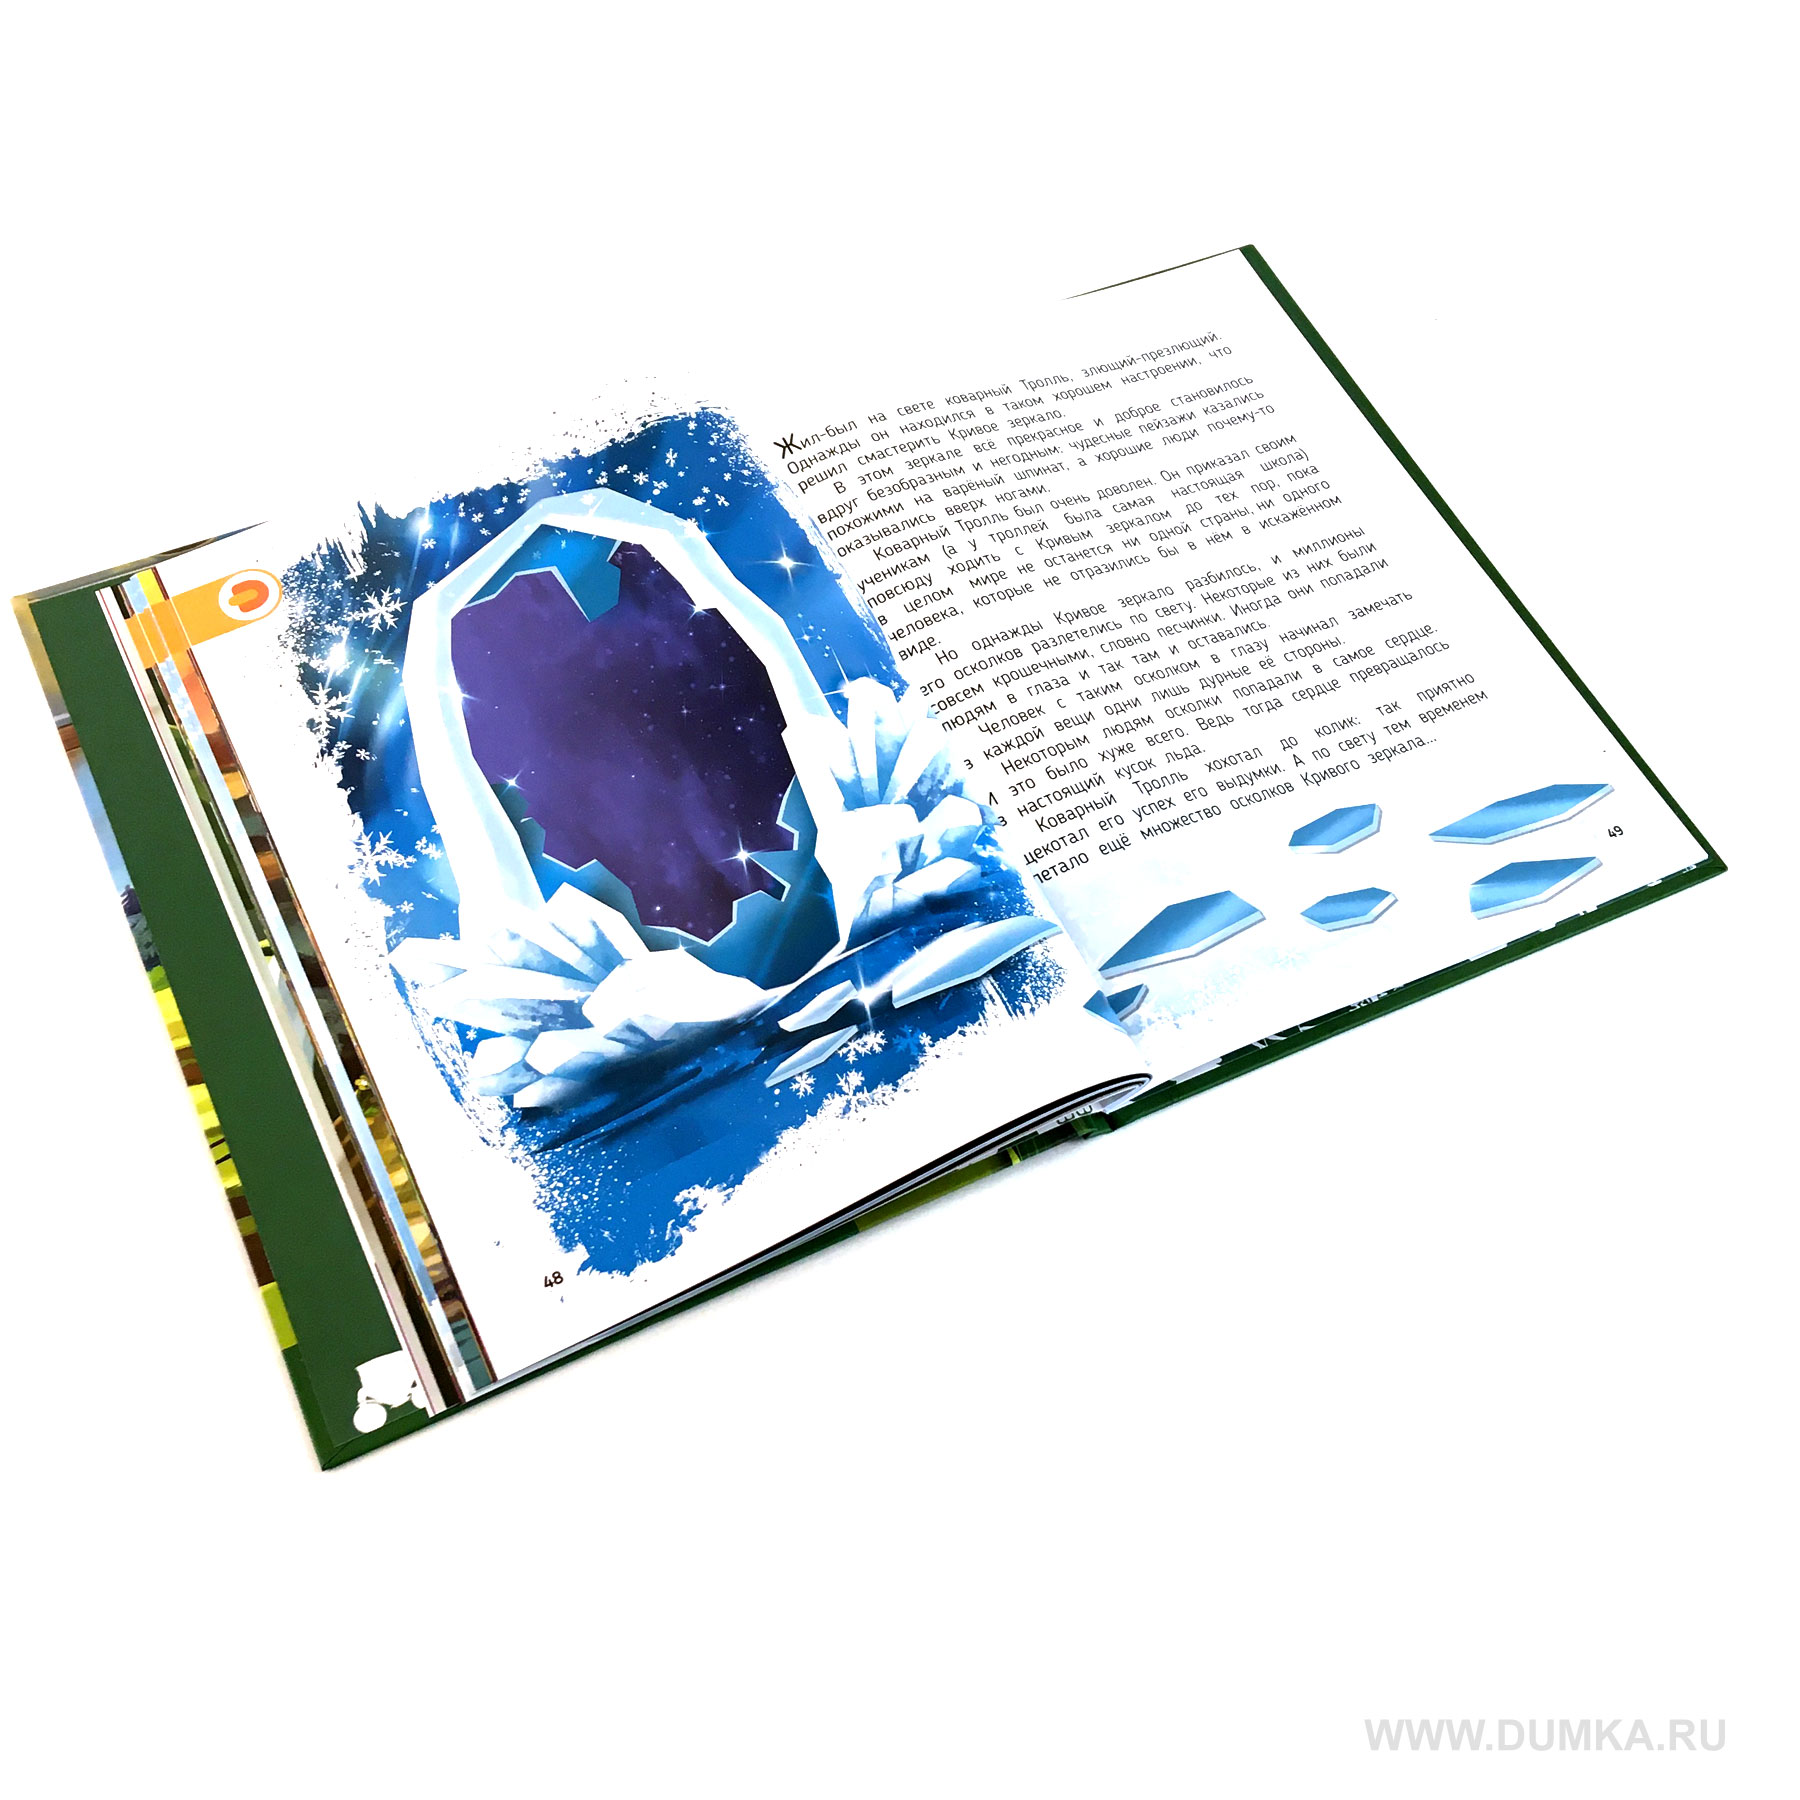 Купить сказки в дополненной реальности «сборник 1» по ...